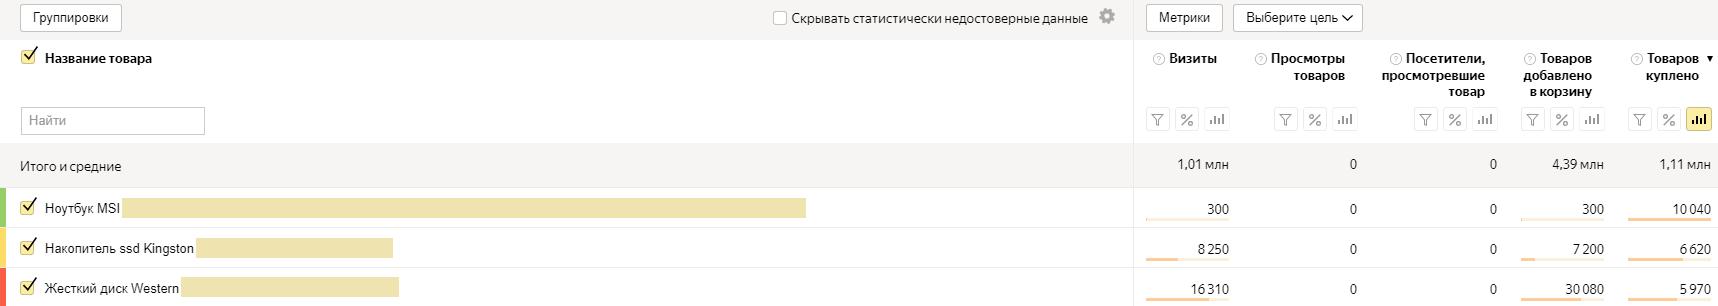 Отчет «Популярные товары» в Яндекс.Метрике